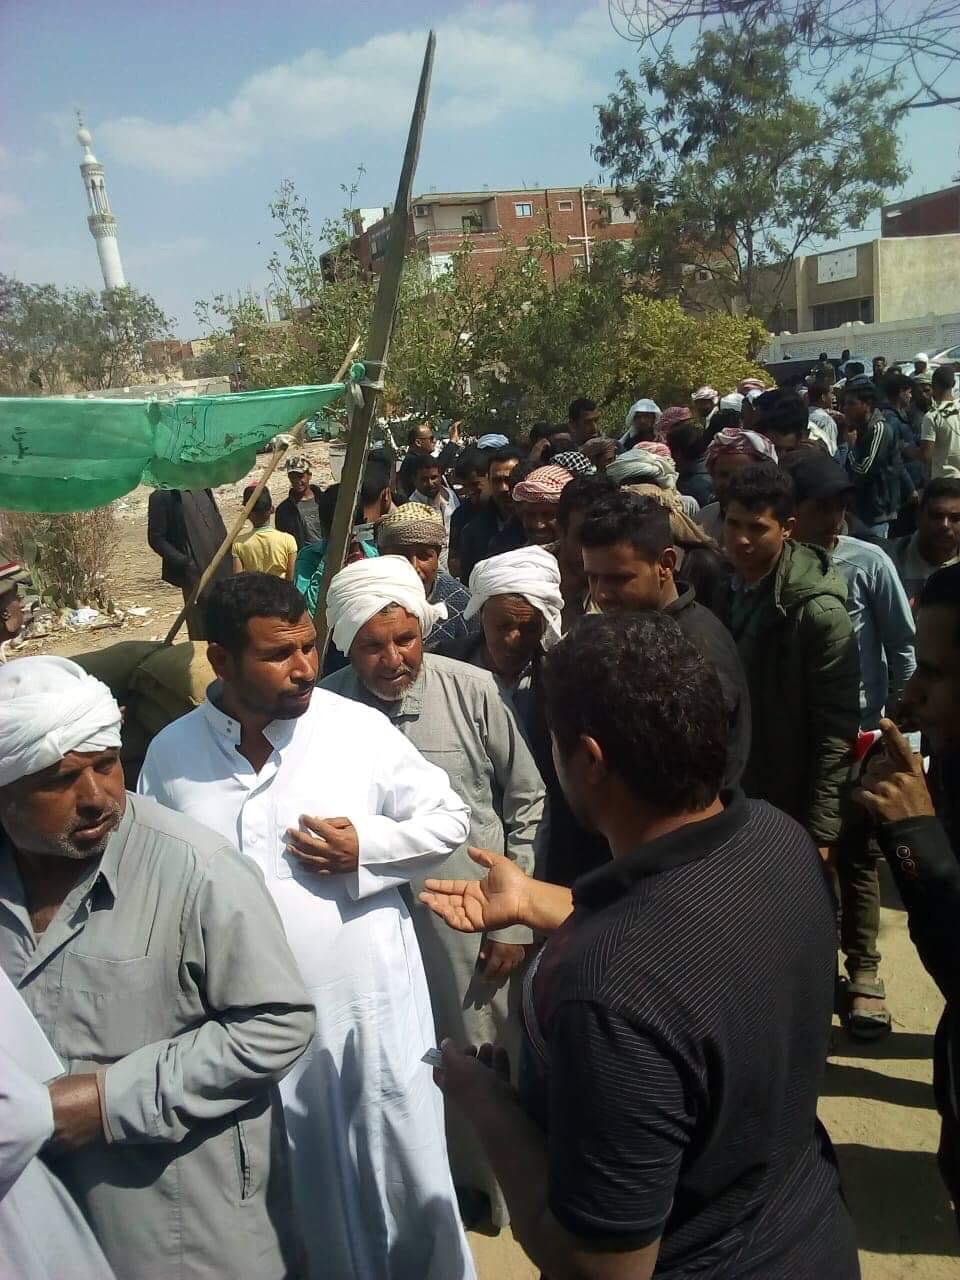 أهالى شمال سيناء المقيمين فى الإسماعيلية يصطفون بكثافة ويشاركون فى الاستفتاء (6)